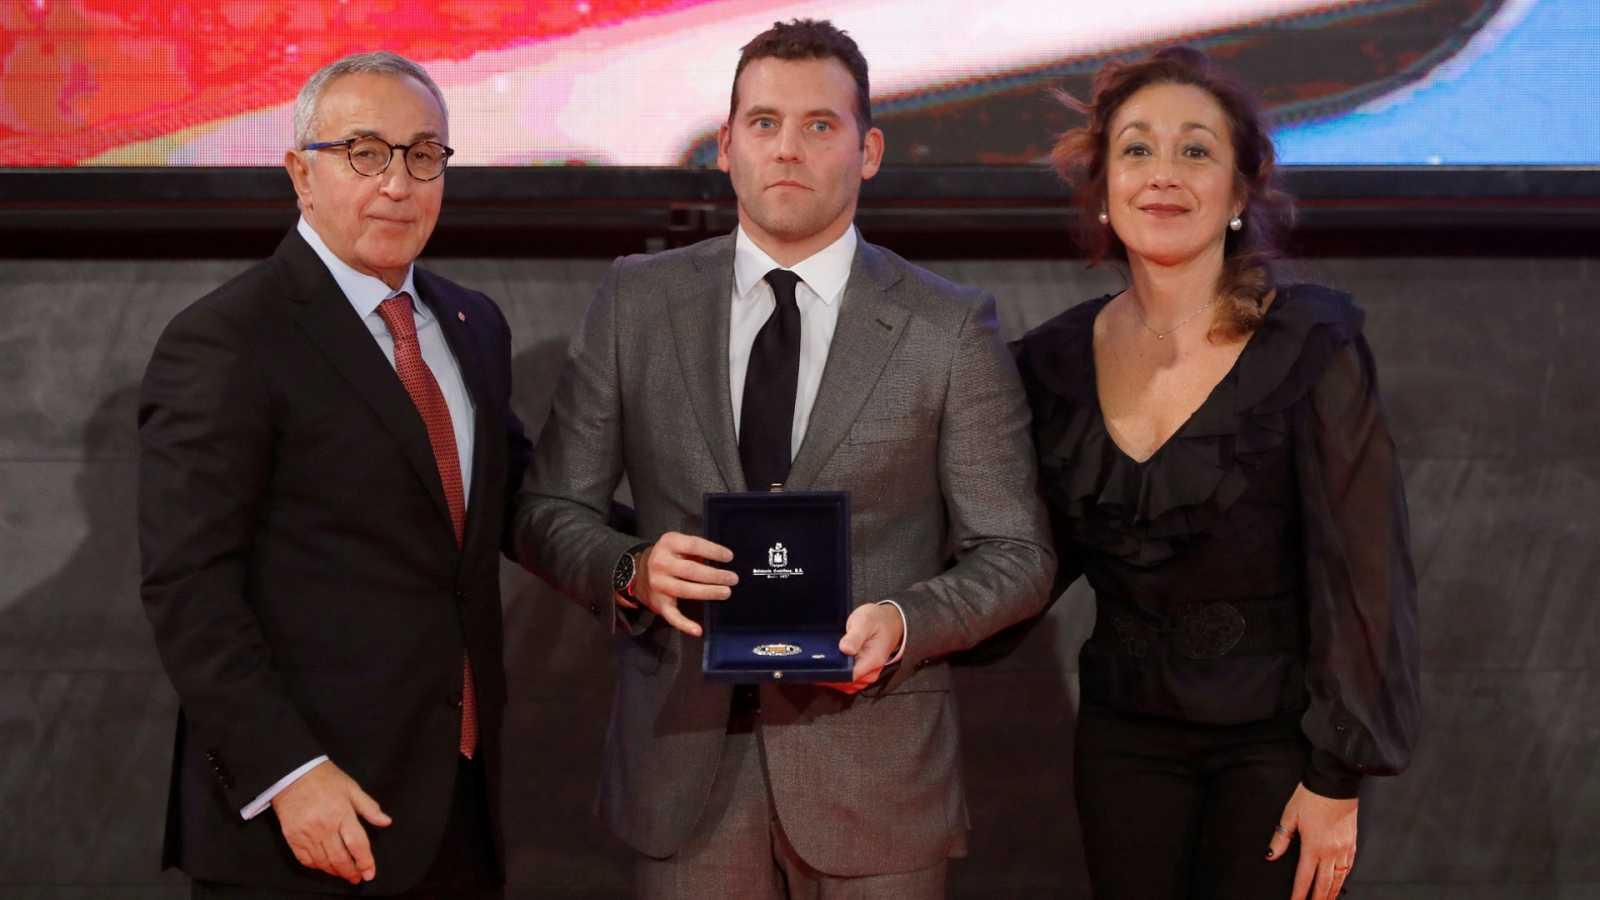 Gala del Comité Olímpico Español 2019 - ver ahora